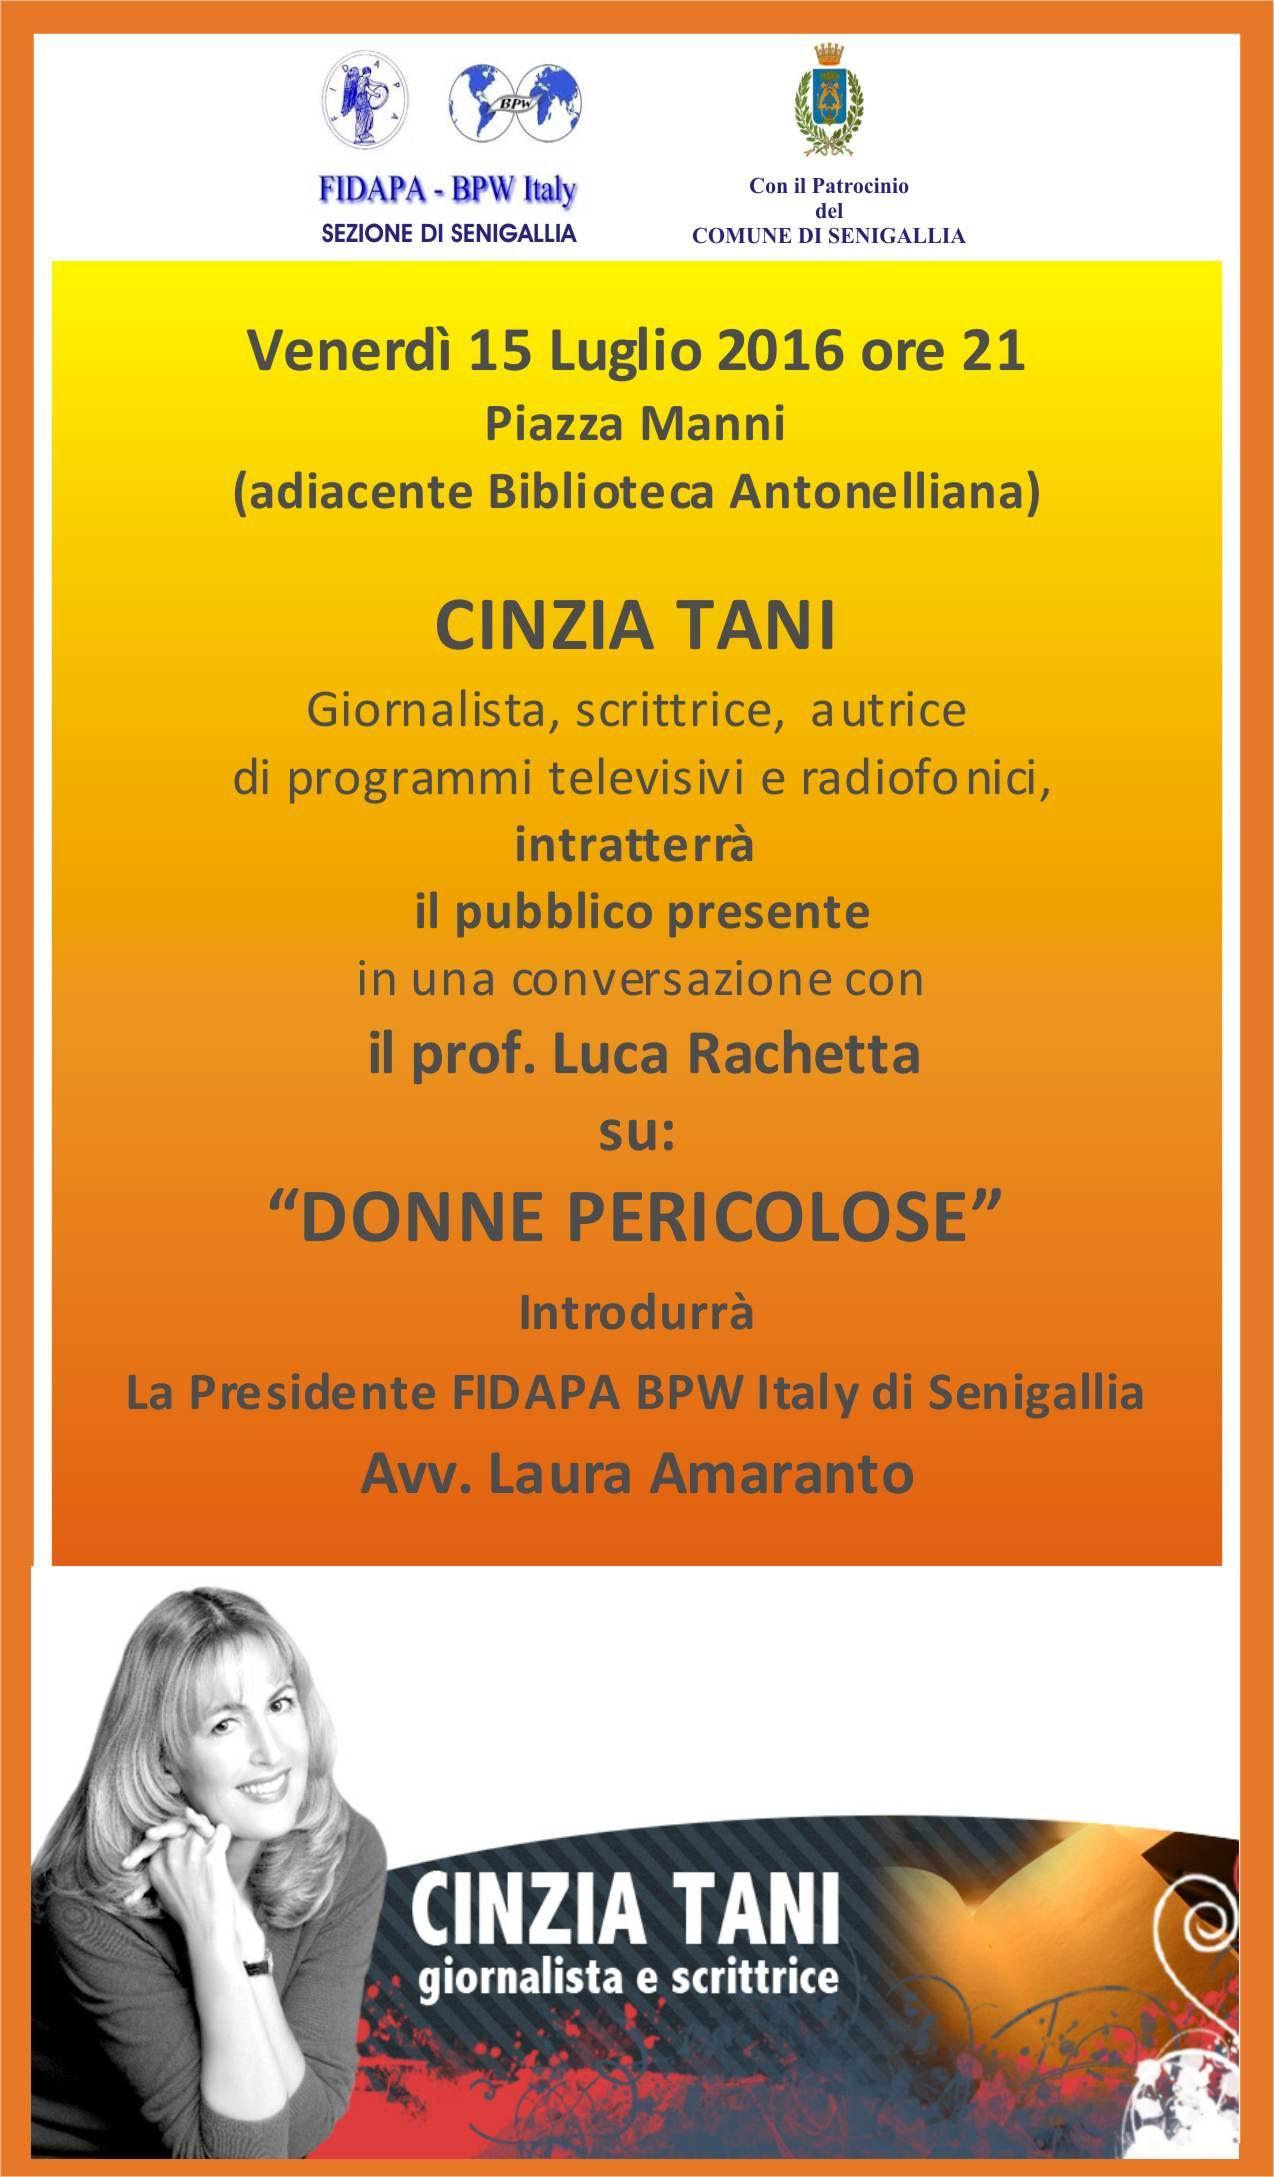 Le Donne pericolose di Cinzia Tani, ospite di Senigallia il 15 luglio